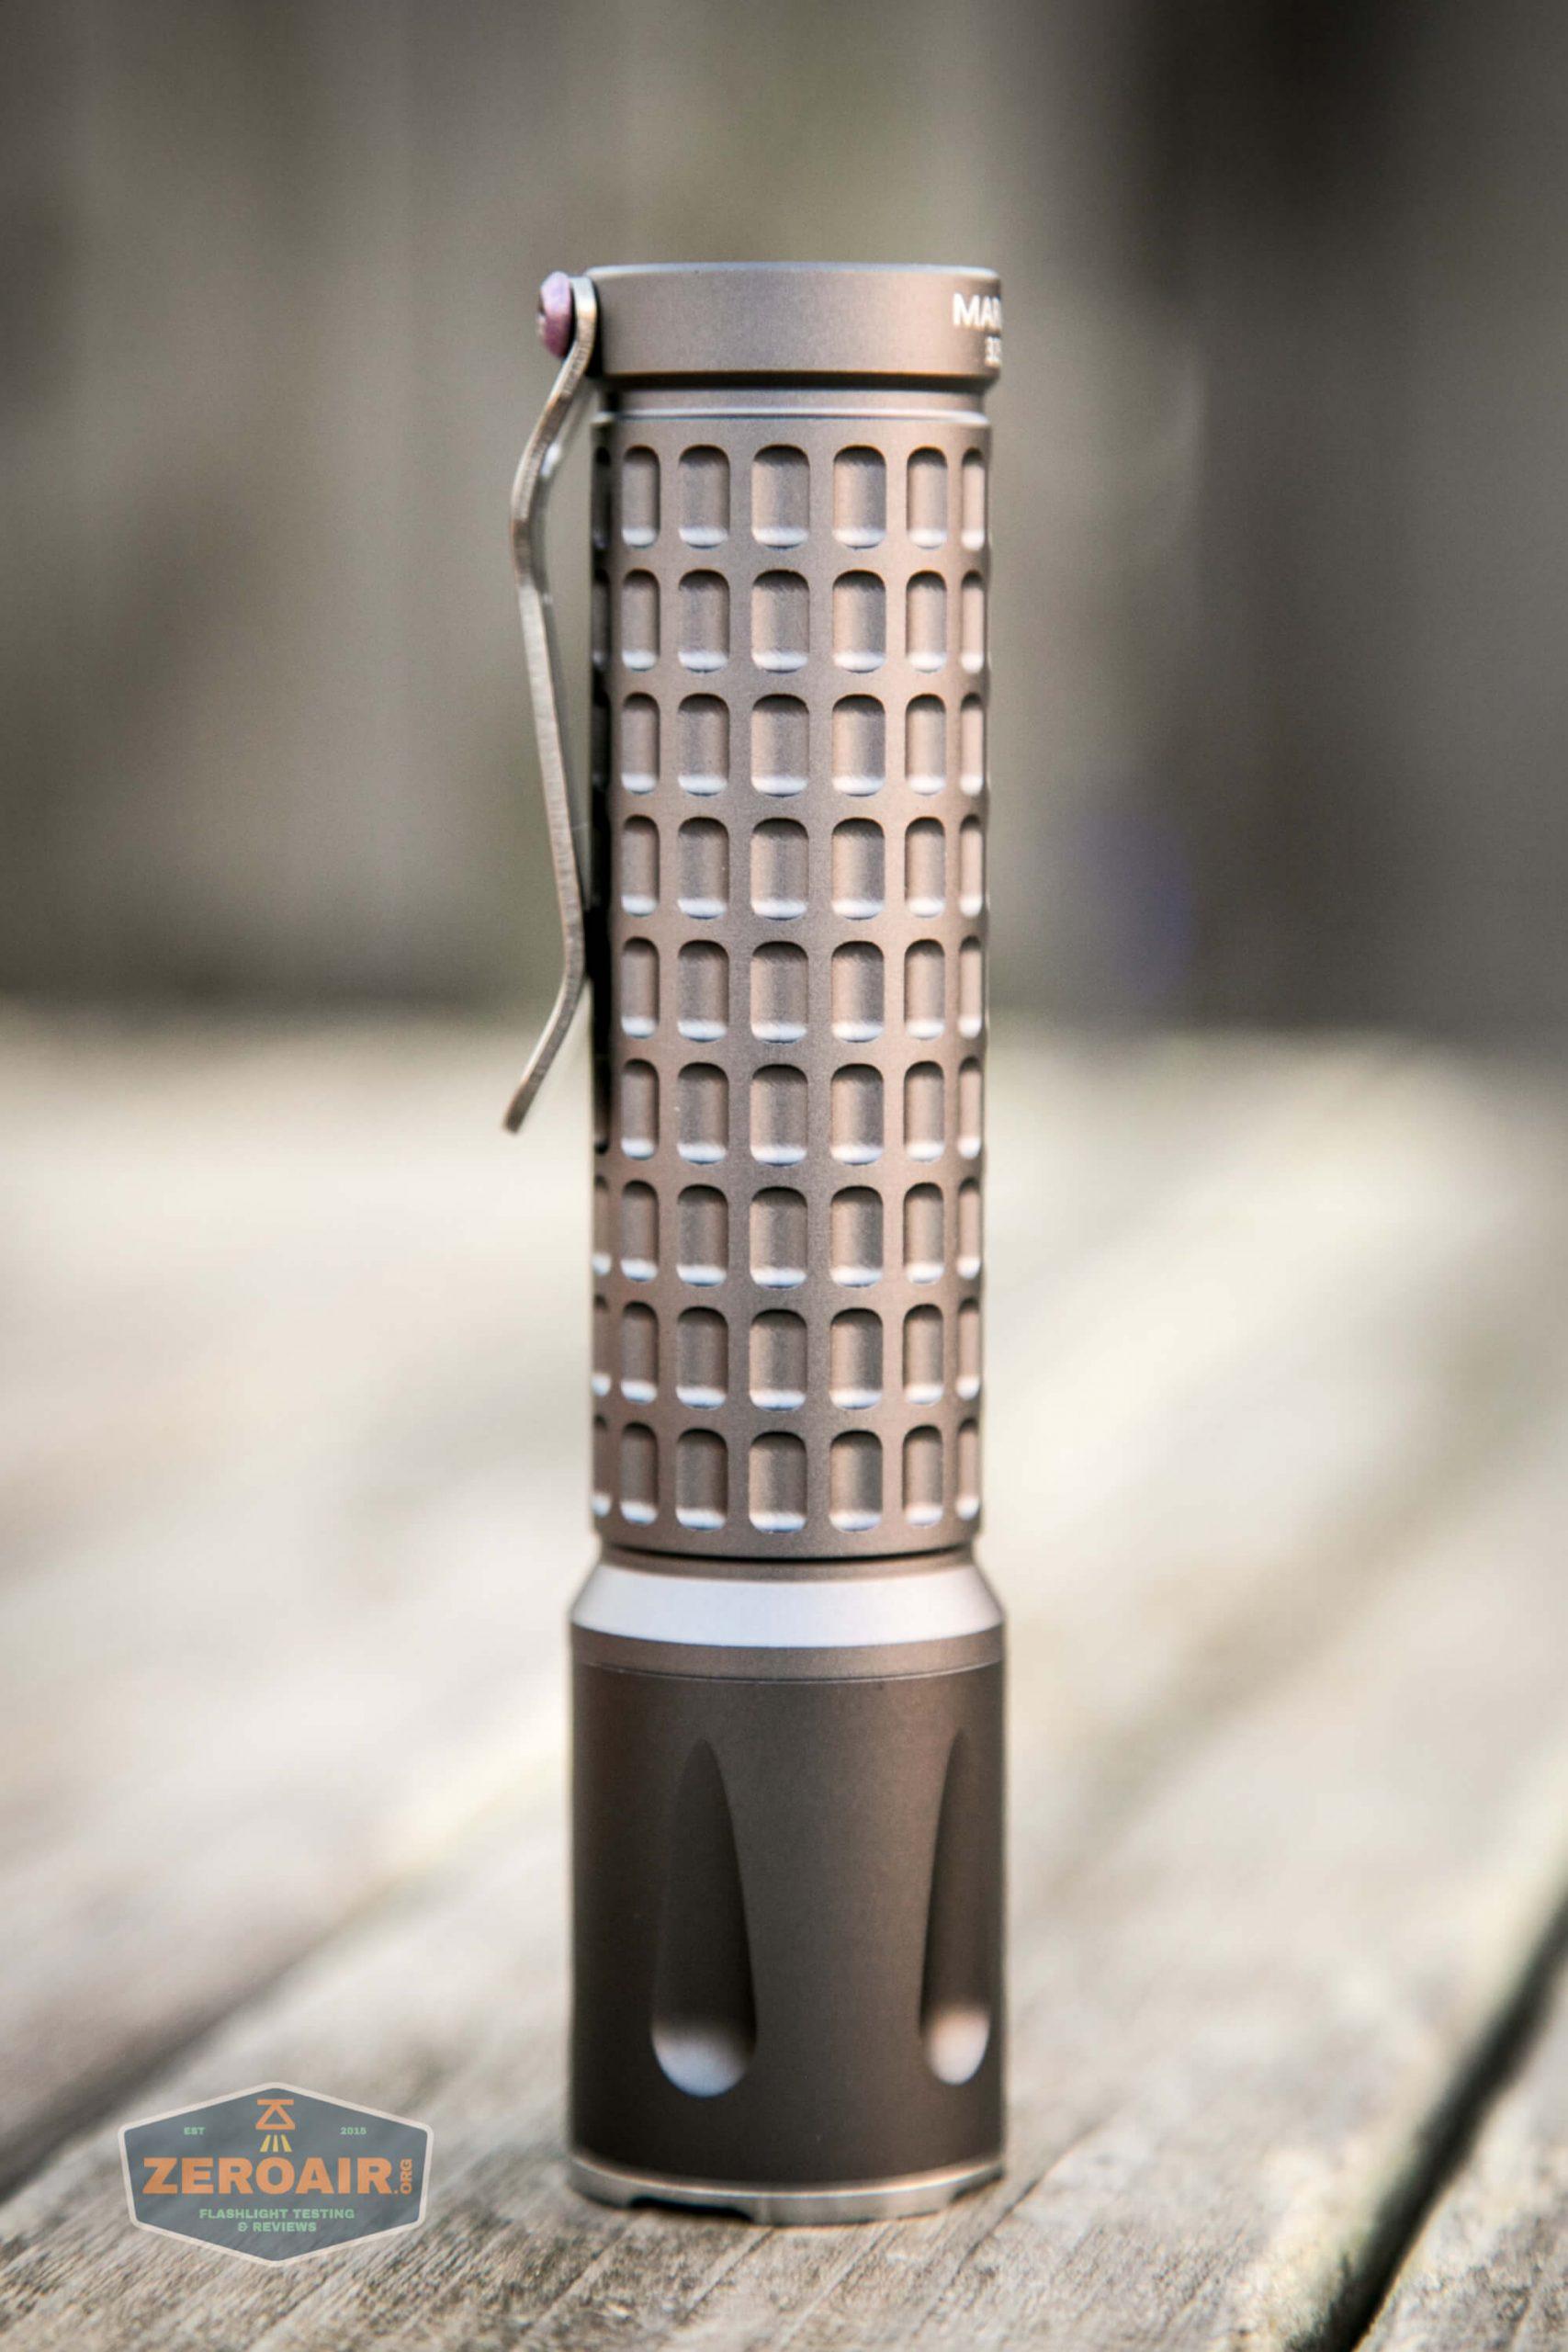 countycomm reylight 21700 quad emitter flashlight showing 4 sides